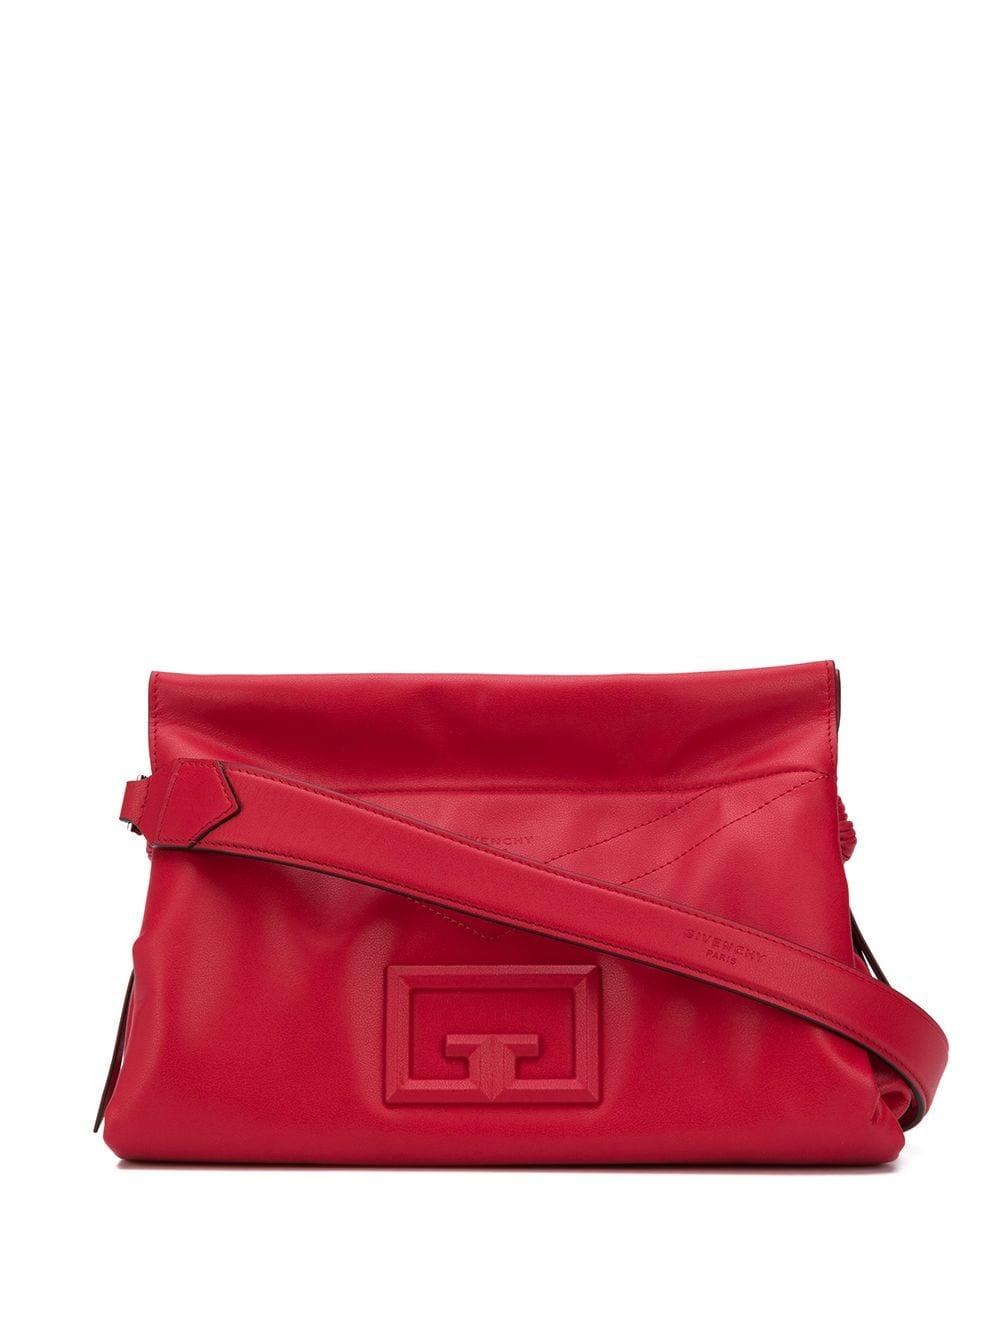 Id 93 Leather Shoulder Bag